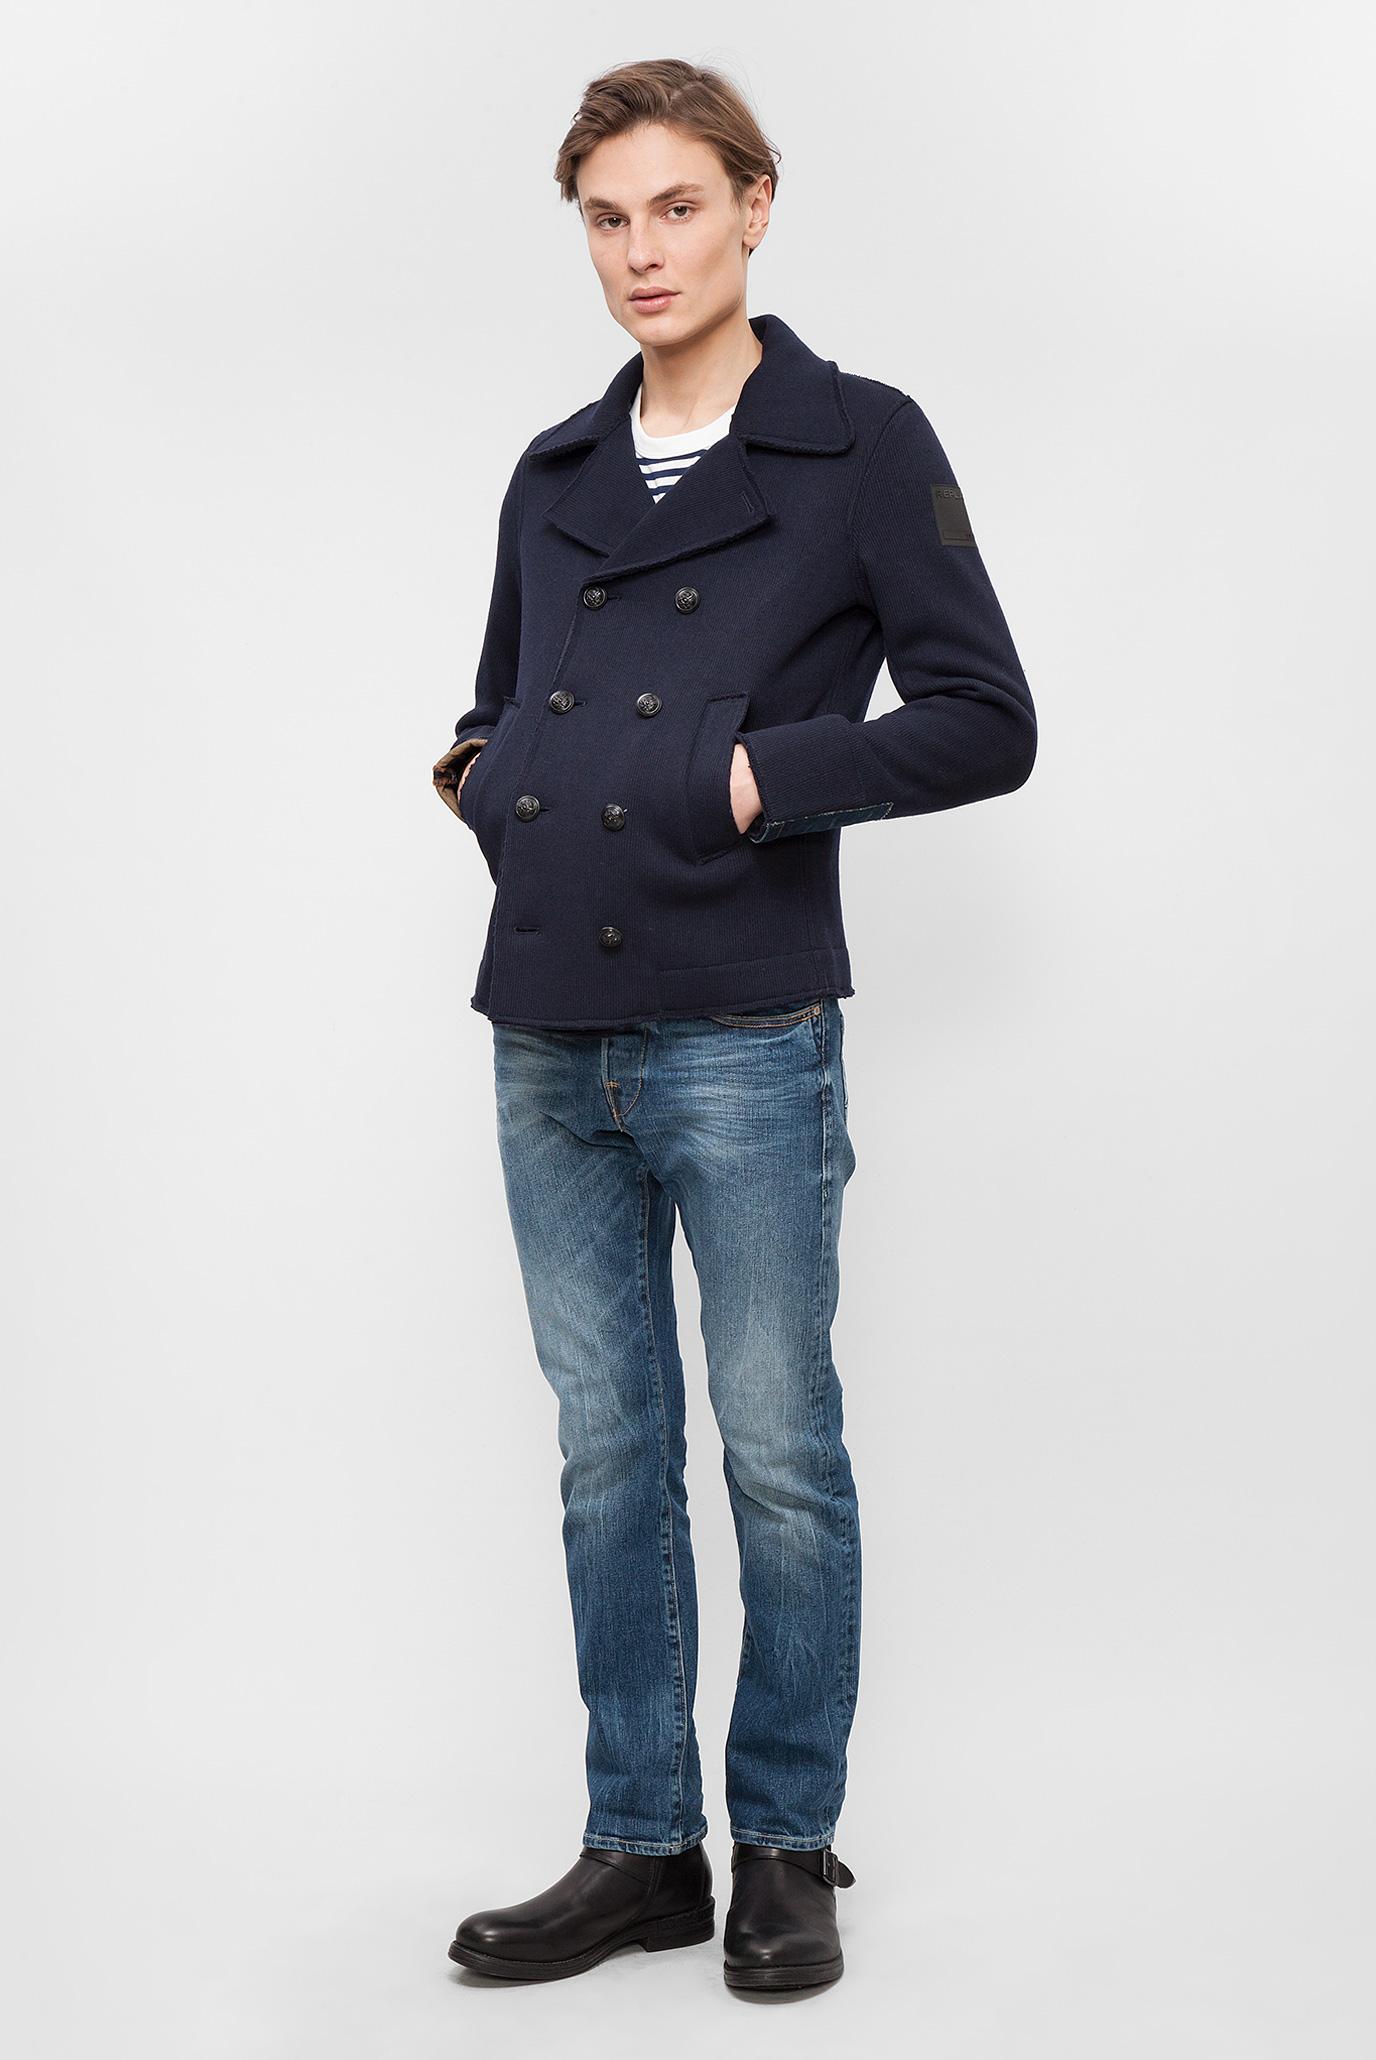 Купить Мужское синее пальто Replay Replay M8879 .000.82868 – Киев, Украина. Цены в интернет магазине MD Fashion